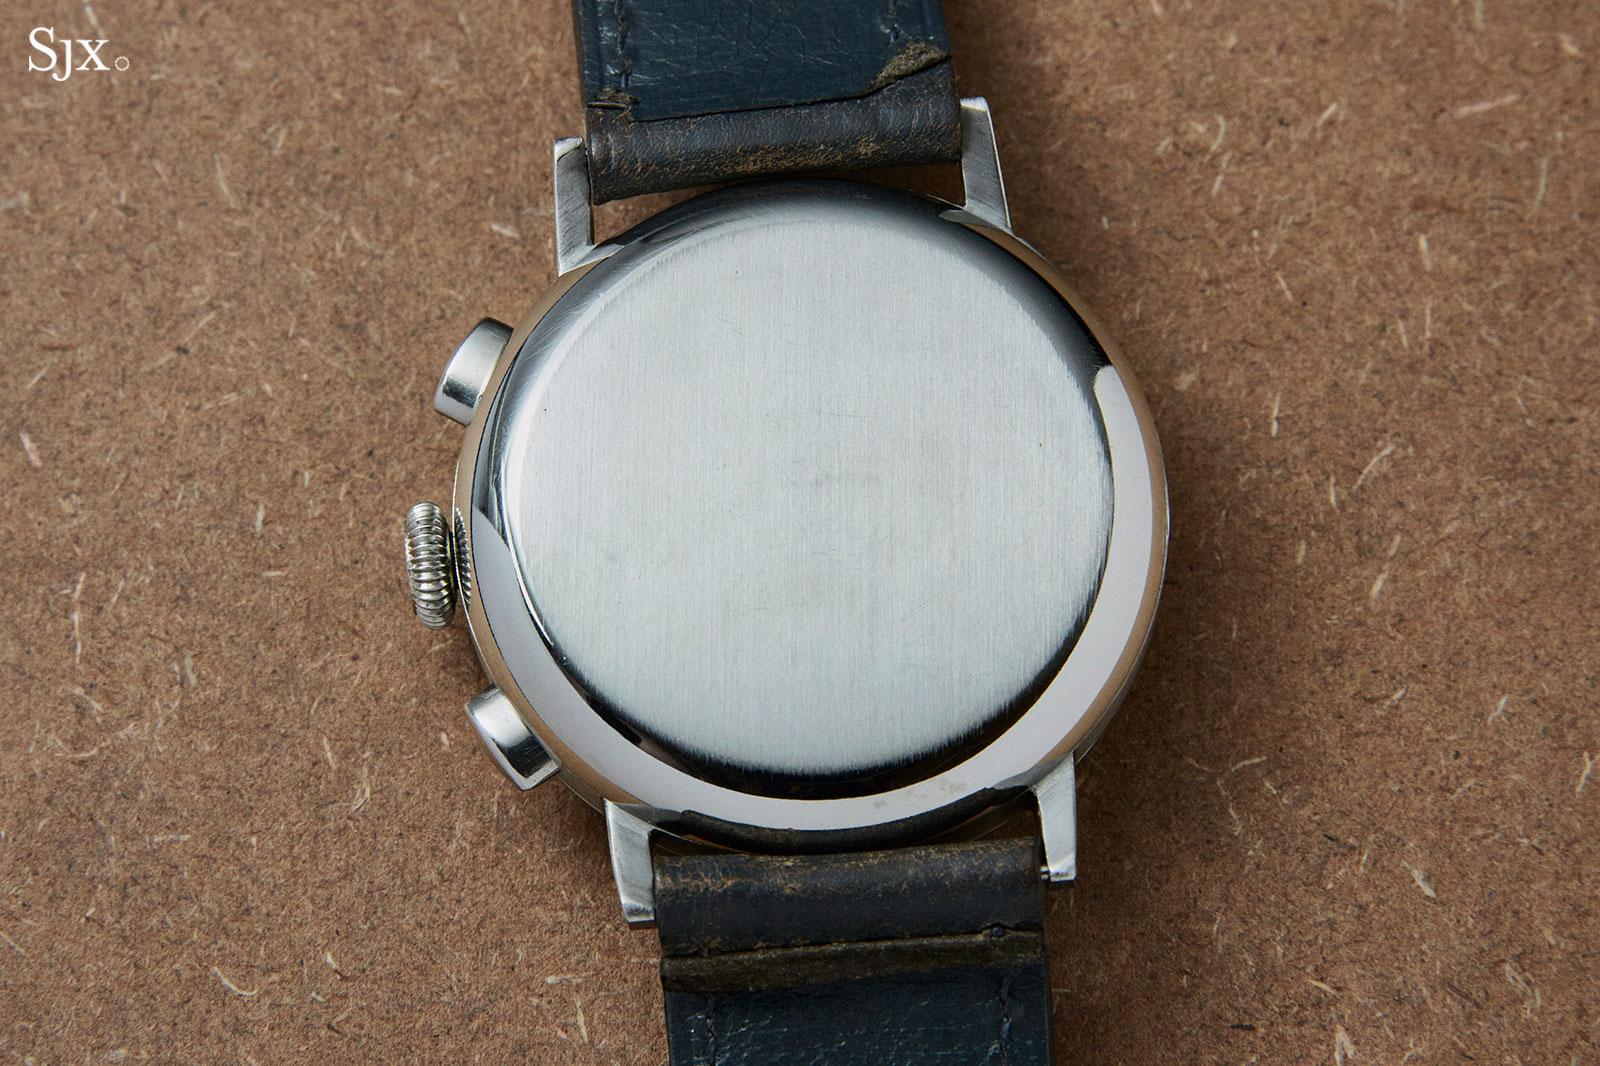 Omega CK2079 chronograph 33.3 4